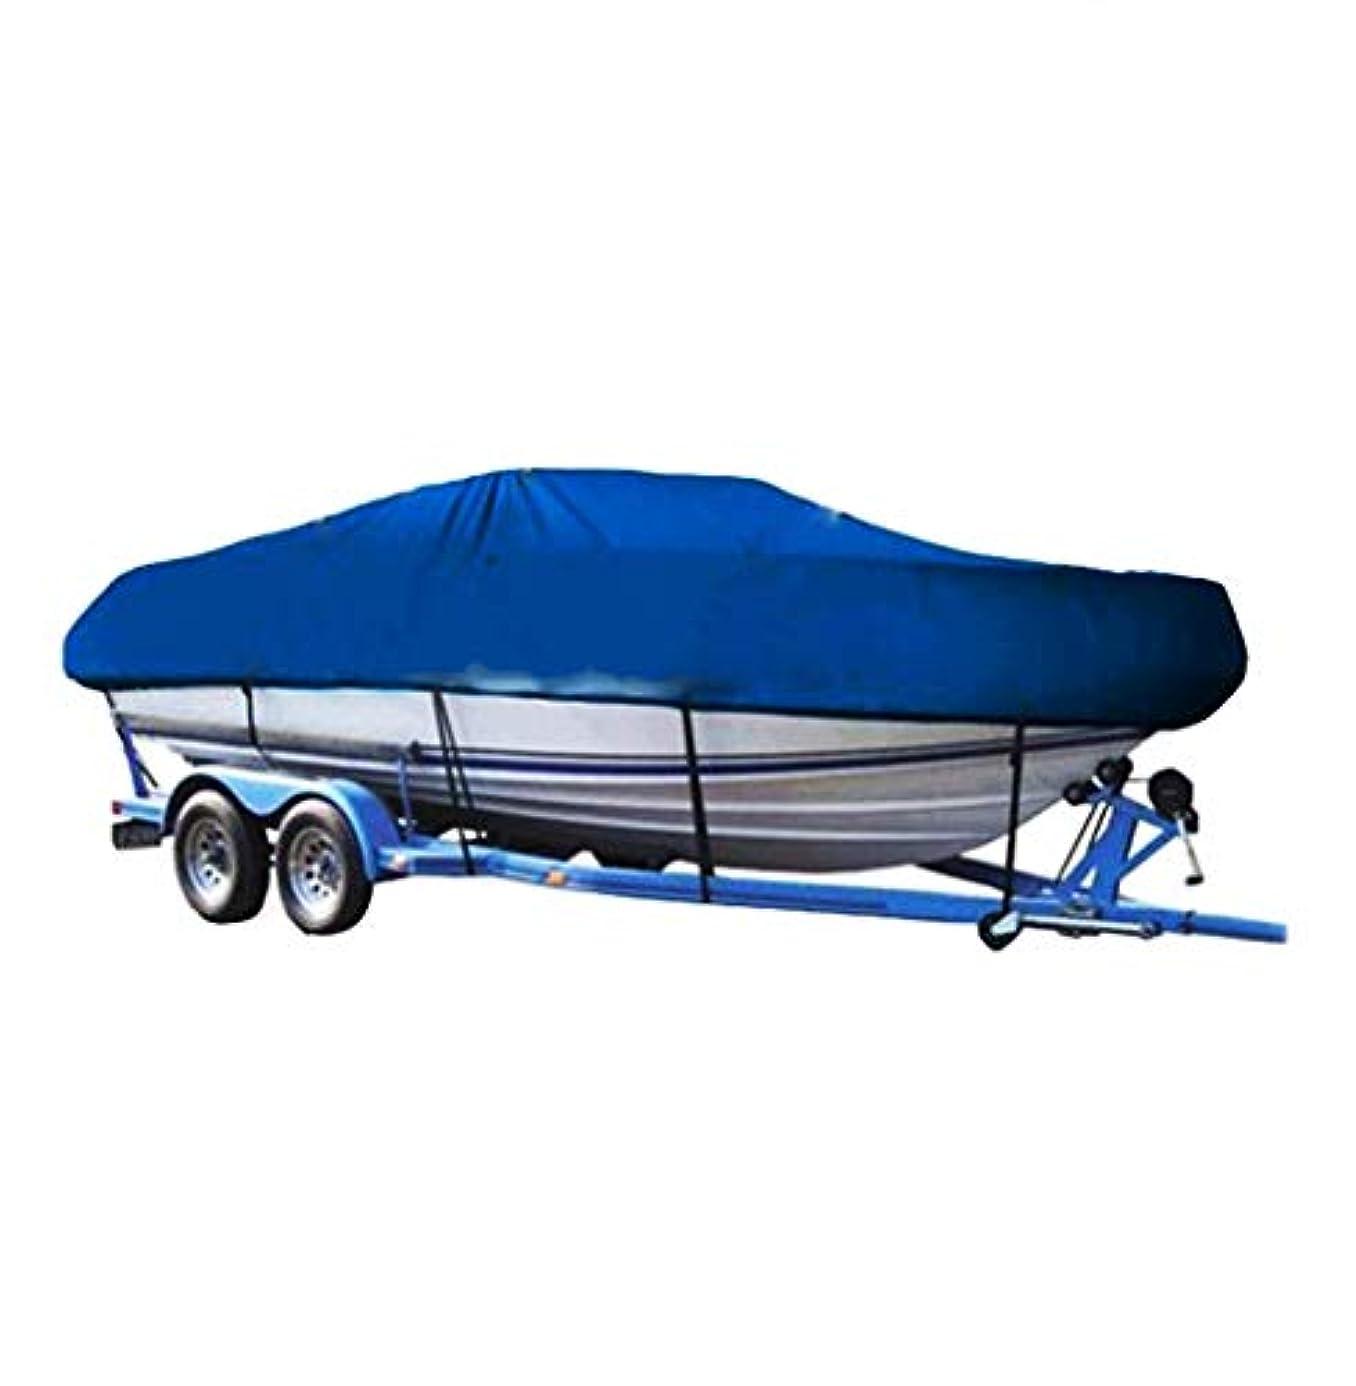 私追放するストライクJia He 屋外ダストカバー ダストカバー - ボートカバーUV保護防水アクセサリーV型ボートスーツ300Dオックスフォード布PVCコーティングブルーヨットカバー(4サイズ) @@ (サイズ さいず : 17-19ft/600 x 230CM)